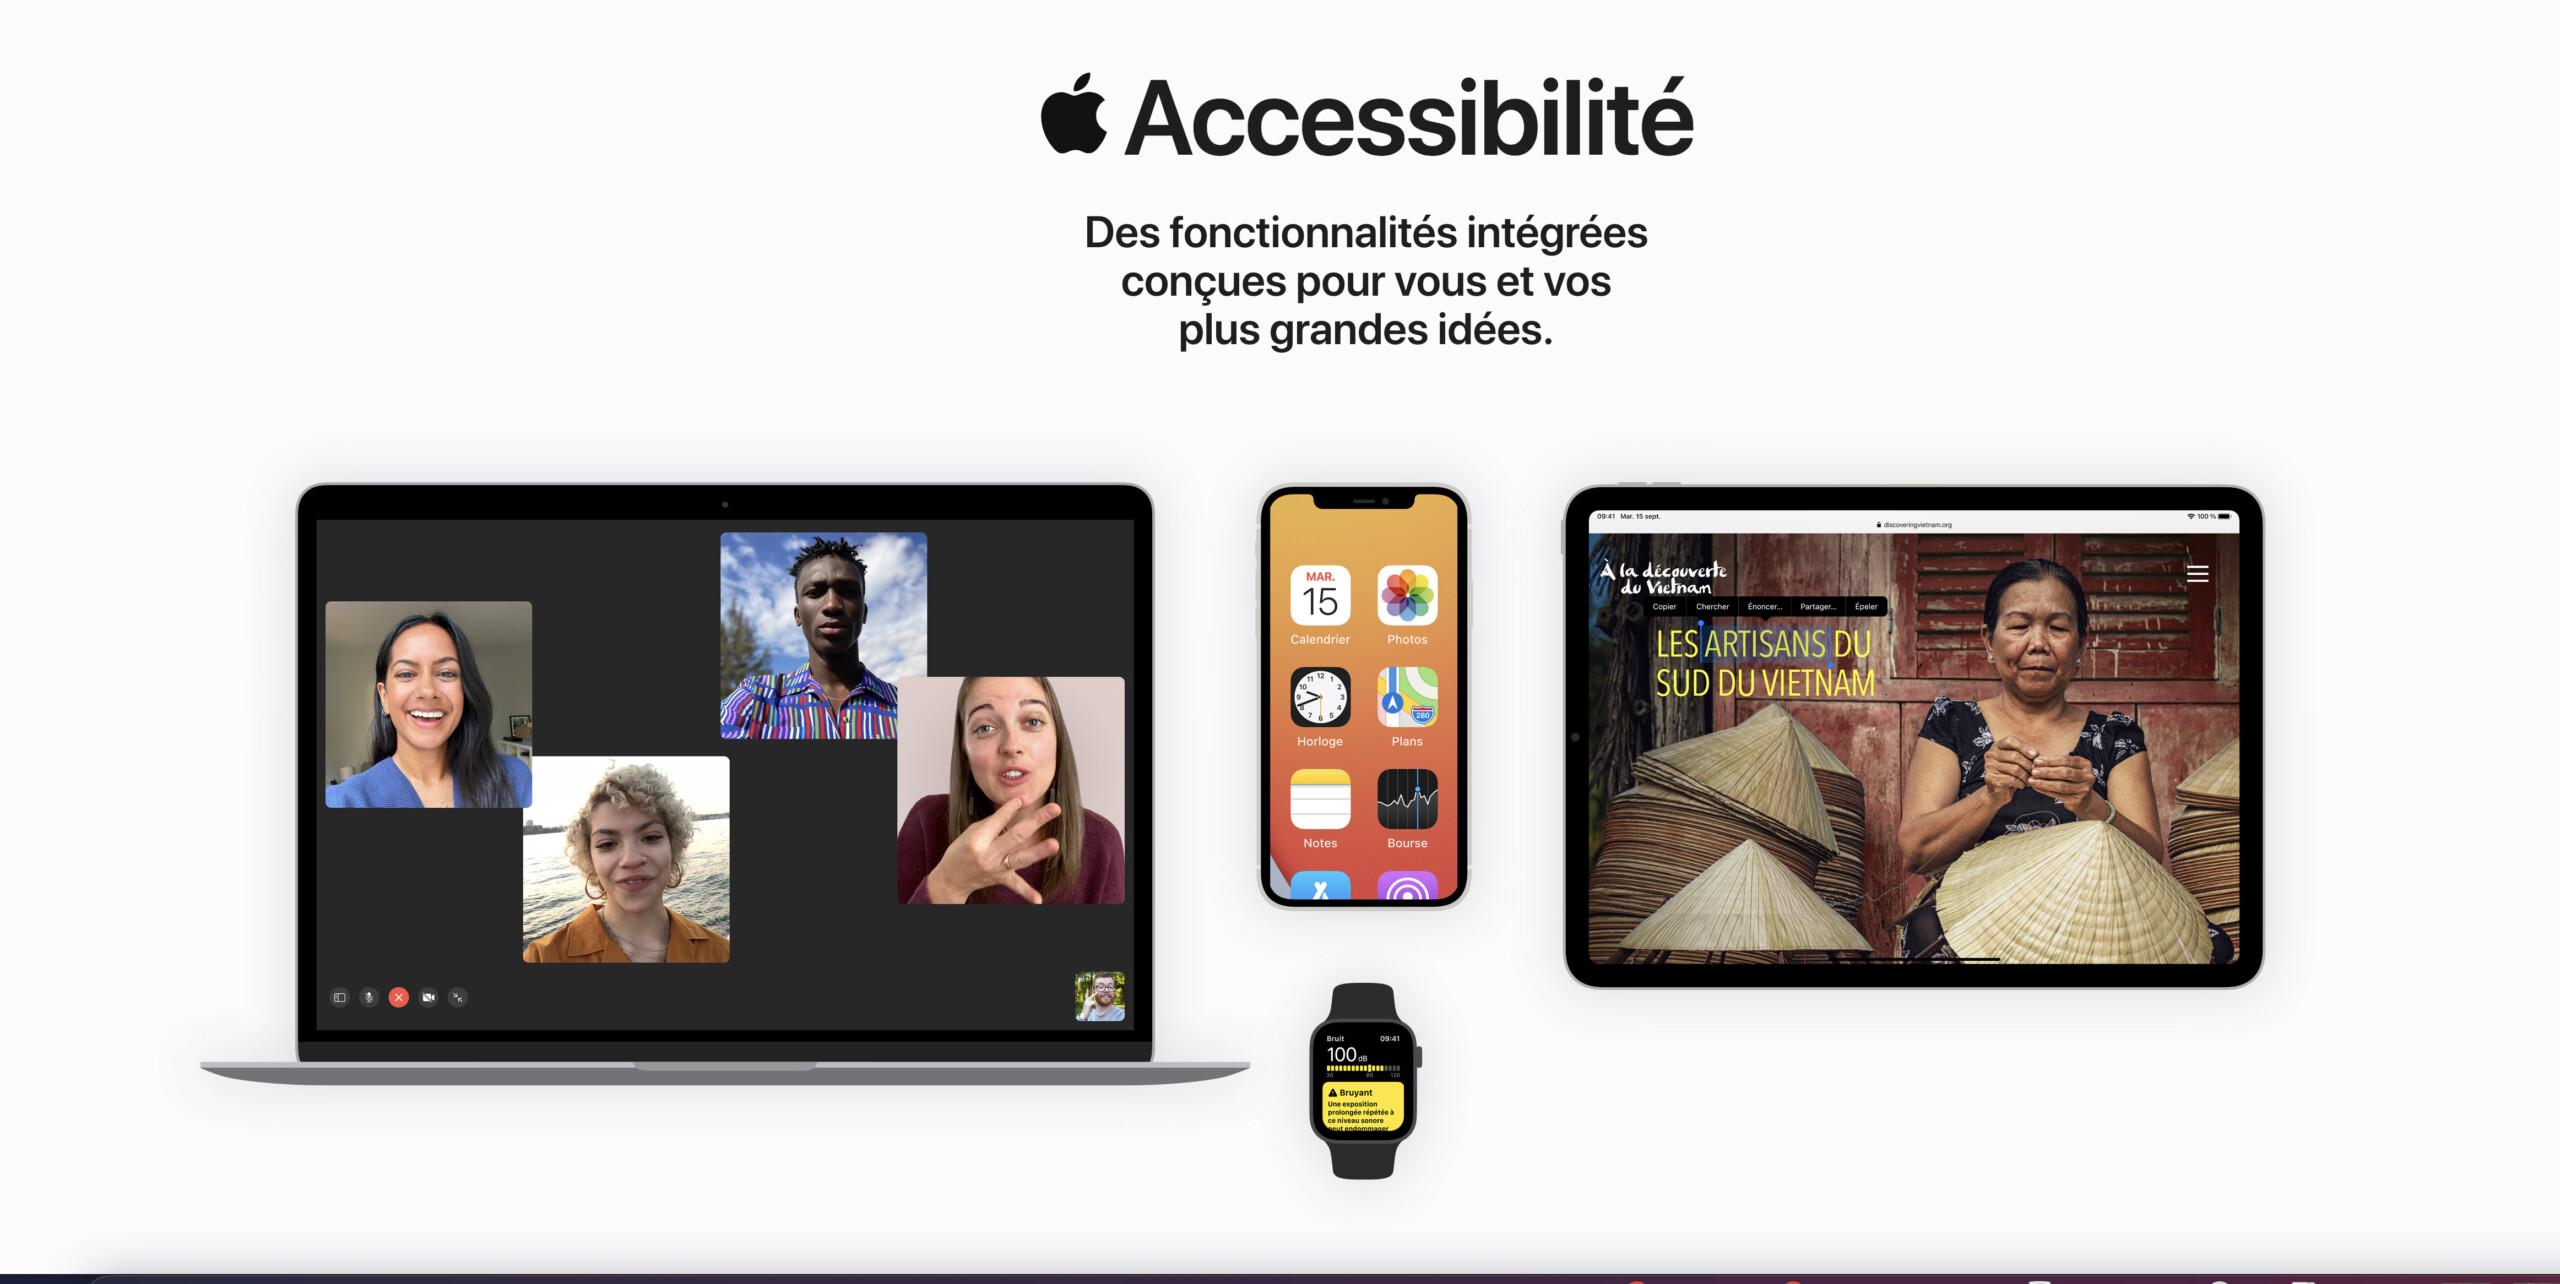 Accessibilité: le nouveau site d'Apple met en avant toutes les fonctionnalités de ses produits